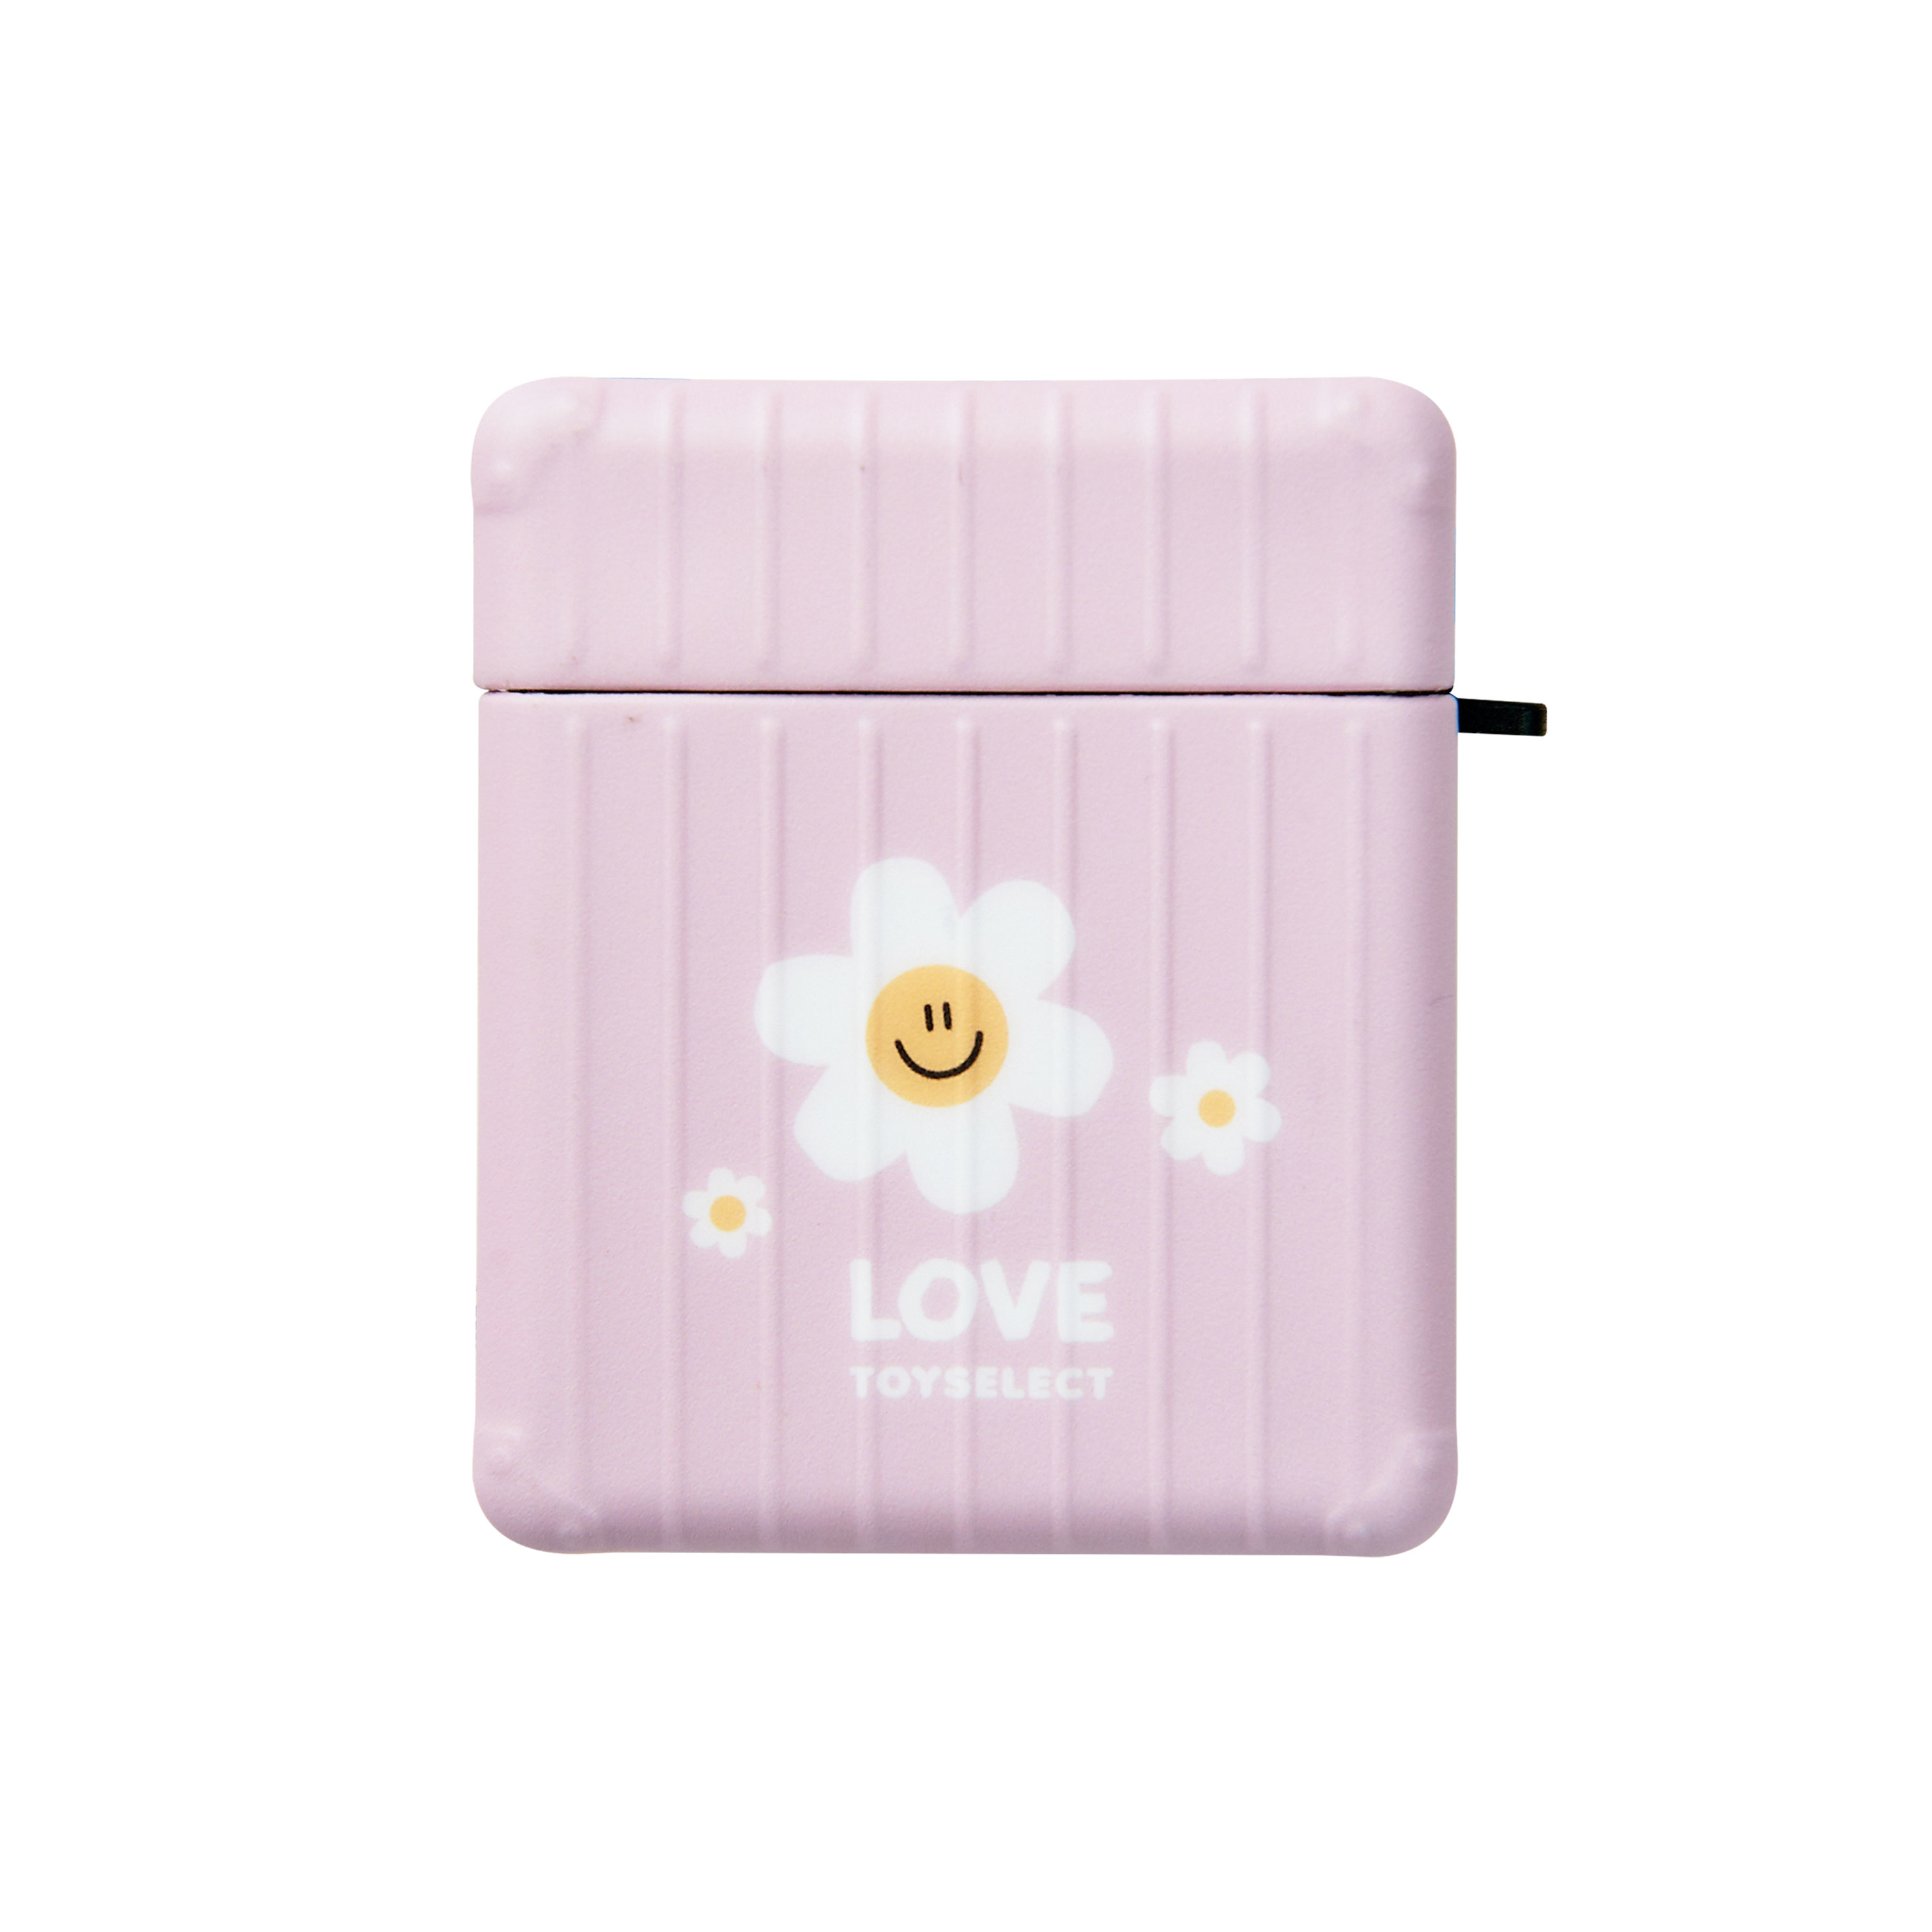 【獨家設計】Smilie溫暖微笑小花防摔行李箱AirPods 1/2 & Pro保護套